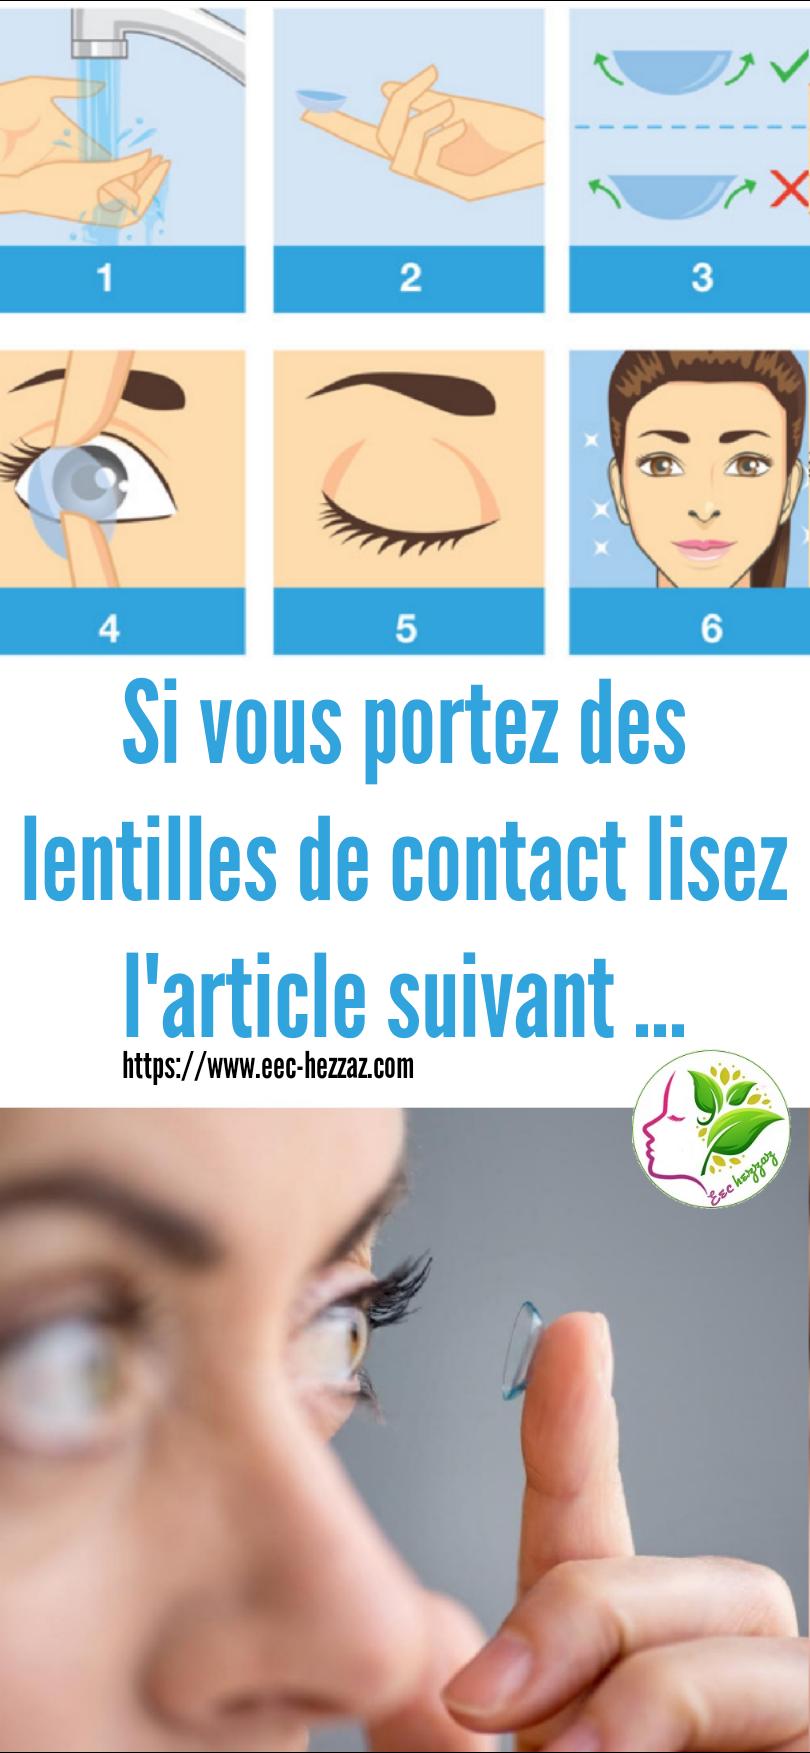 Si vous portez des lentilles de contact lisez l'article suivant ...